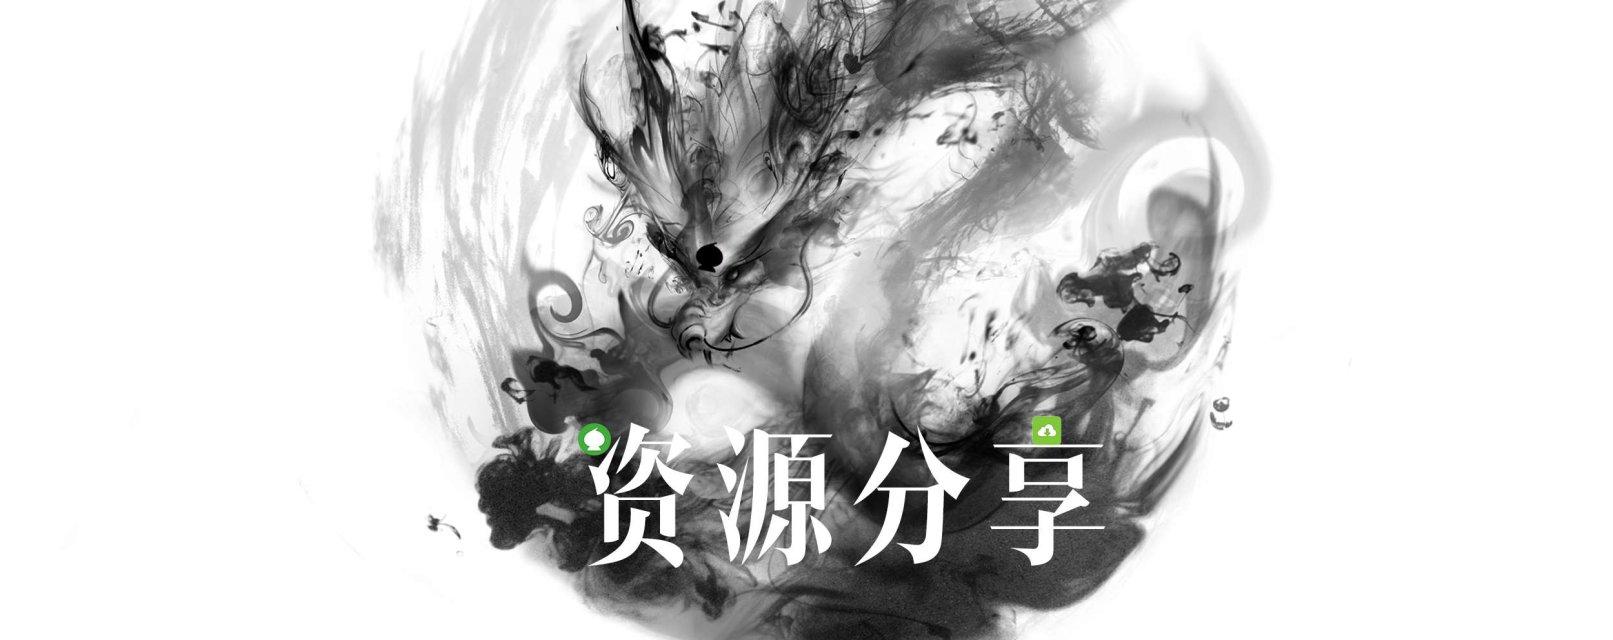 【资源分享】免root抓包-爱小助